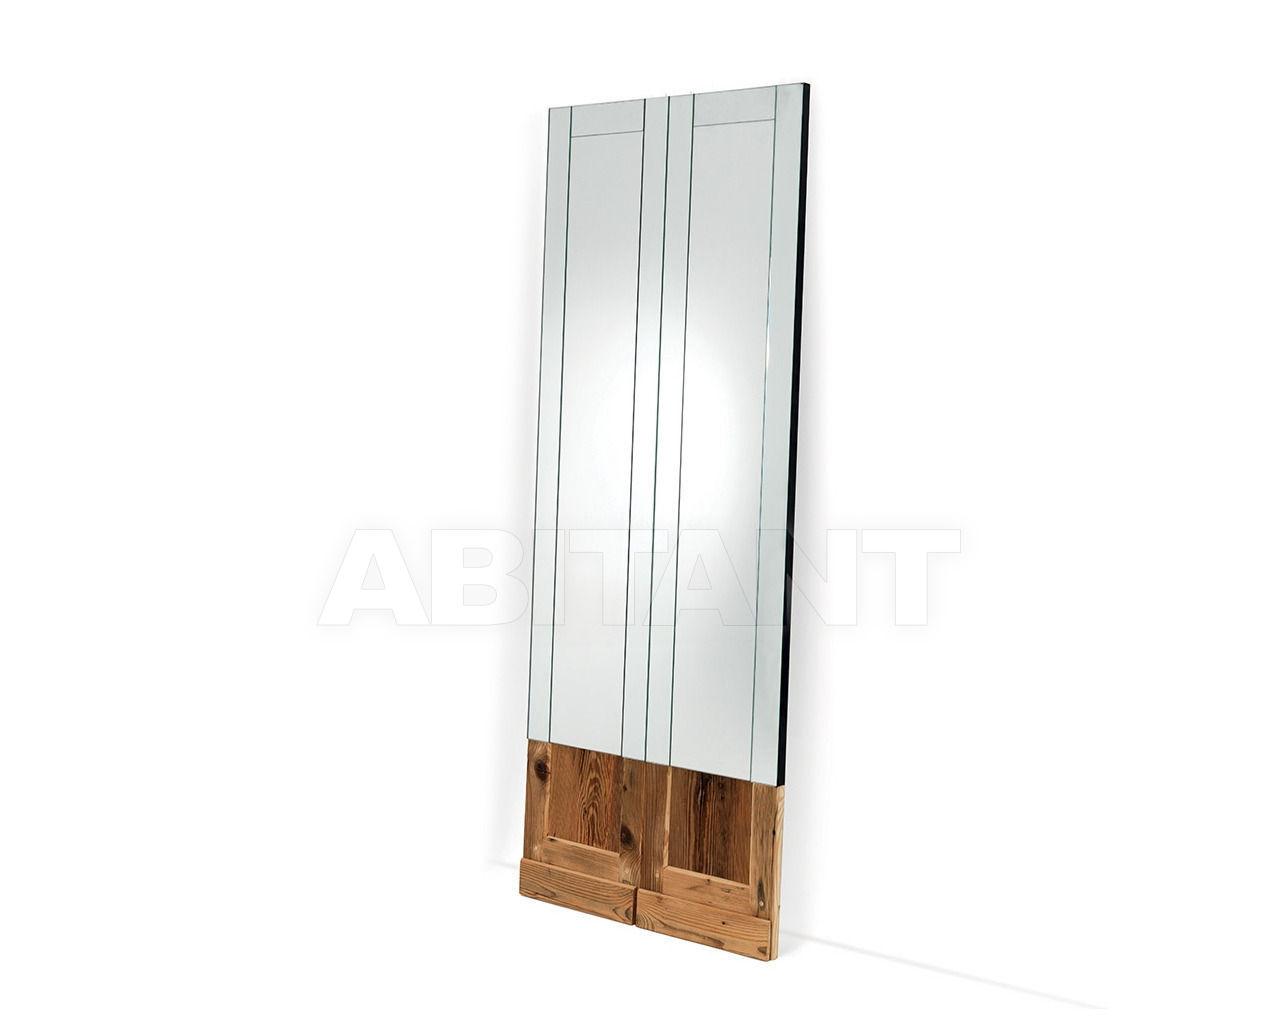 Купить Зеркало настенное DON'T OPEN Mogg Classic MDO22080